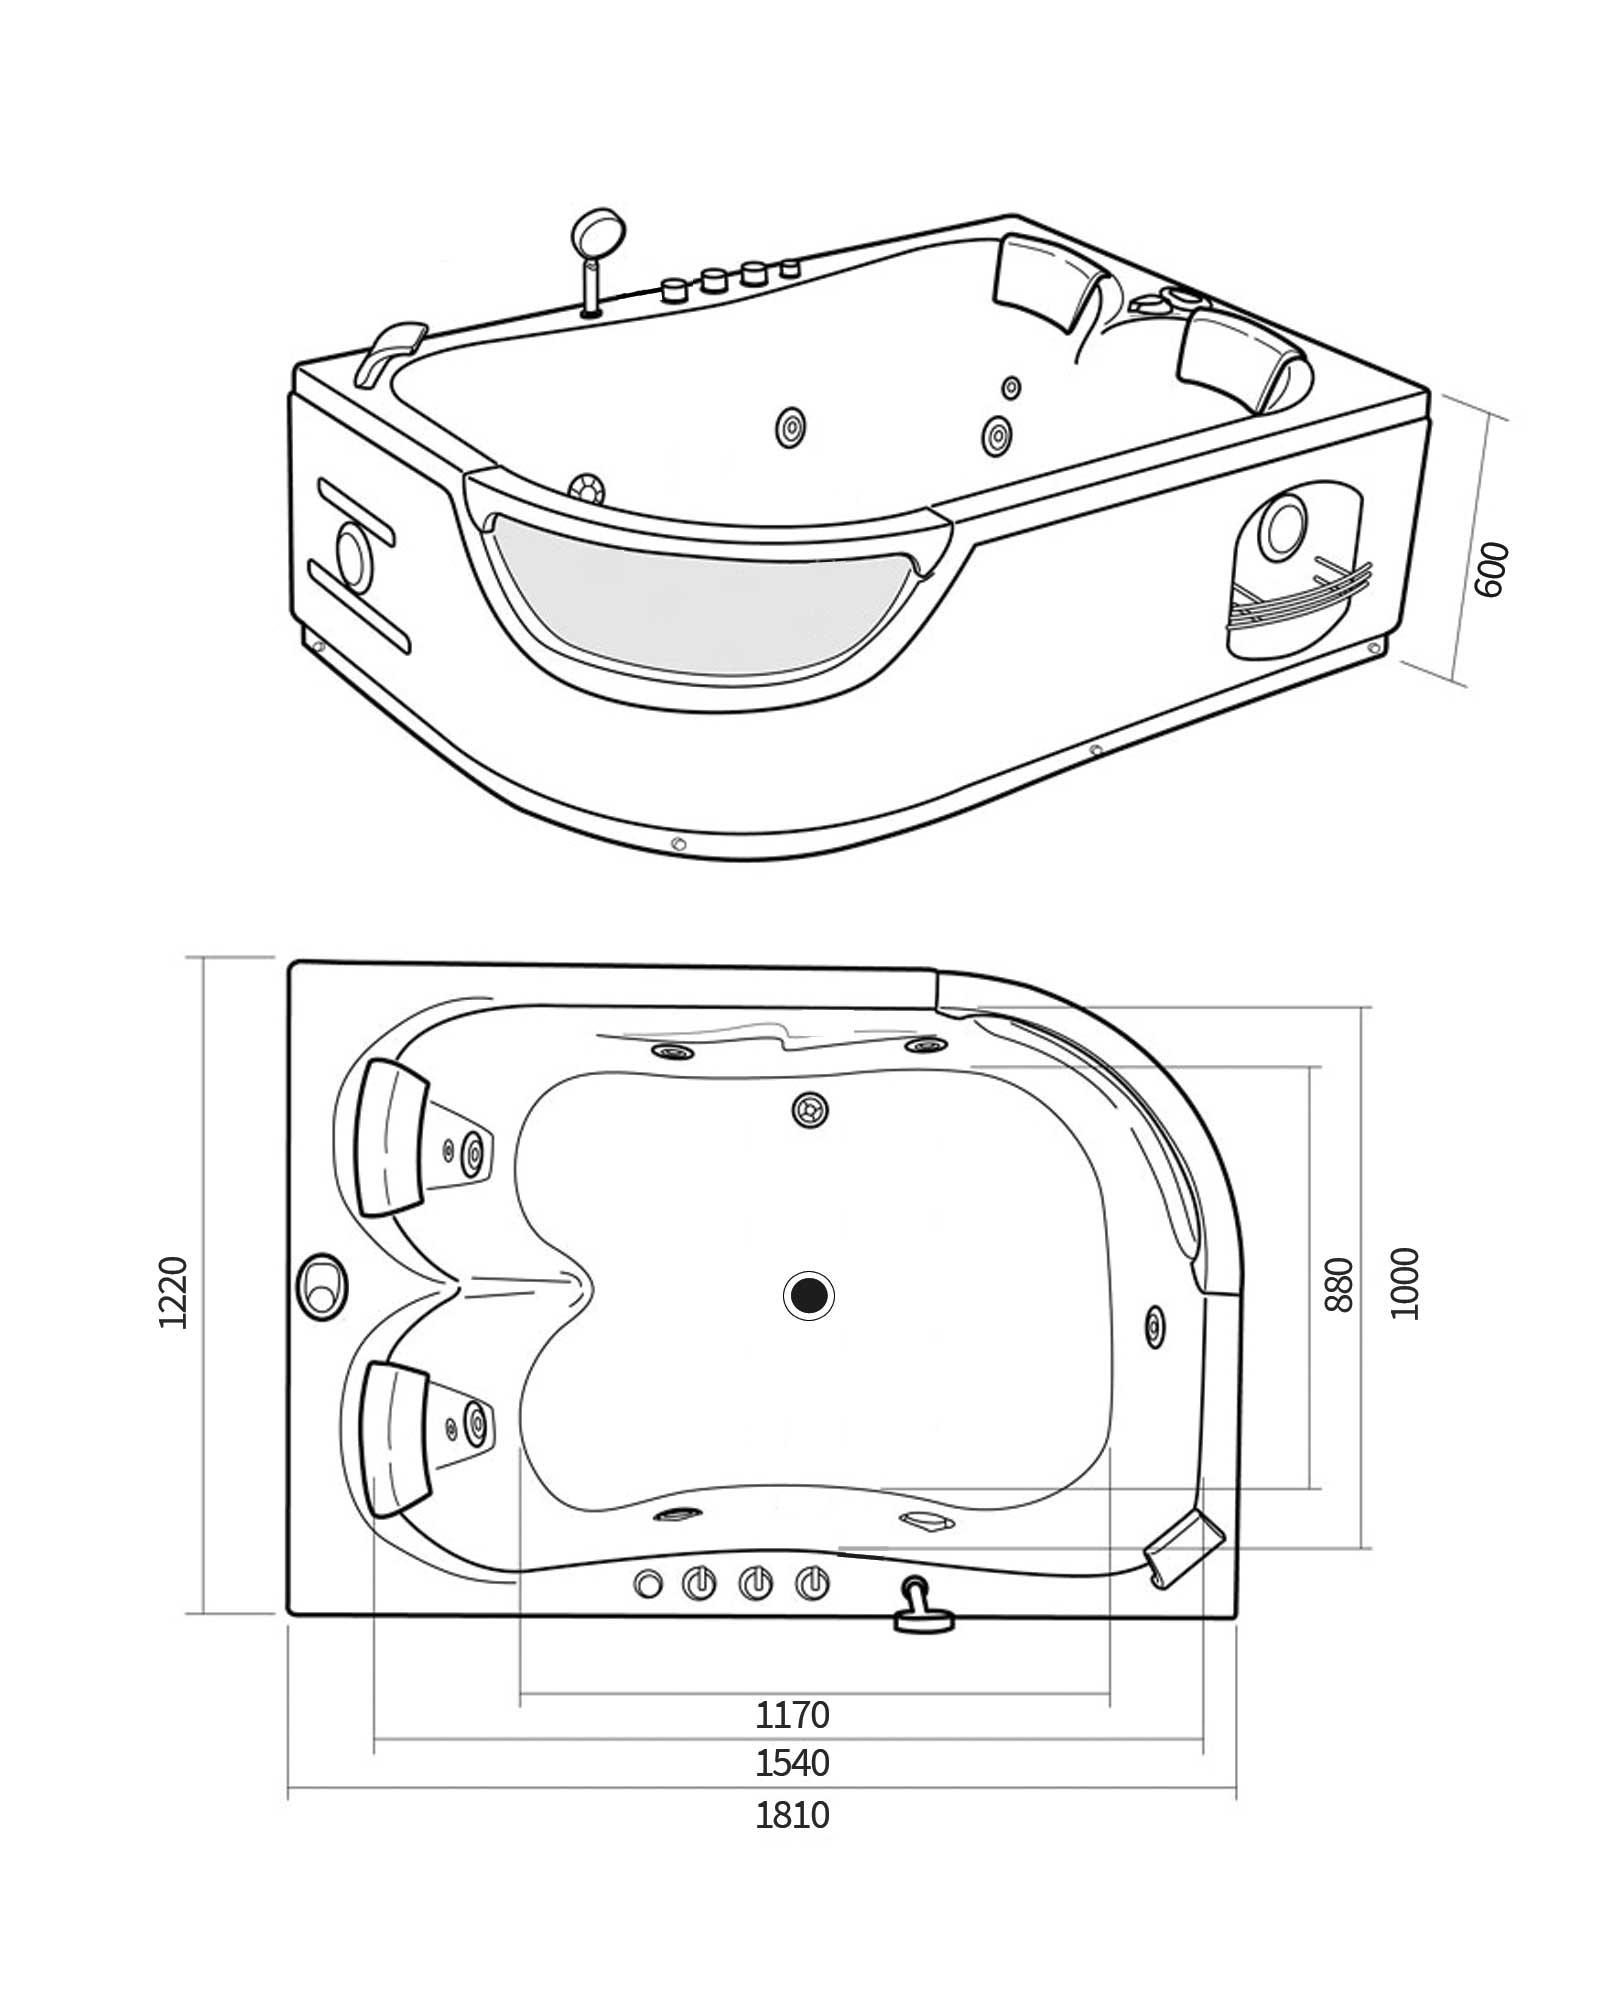 Orion vasca idromassaggio angolare 120 x 180 cm per 2 - Brico vasche da bagno ...